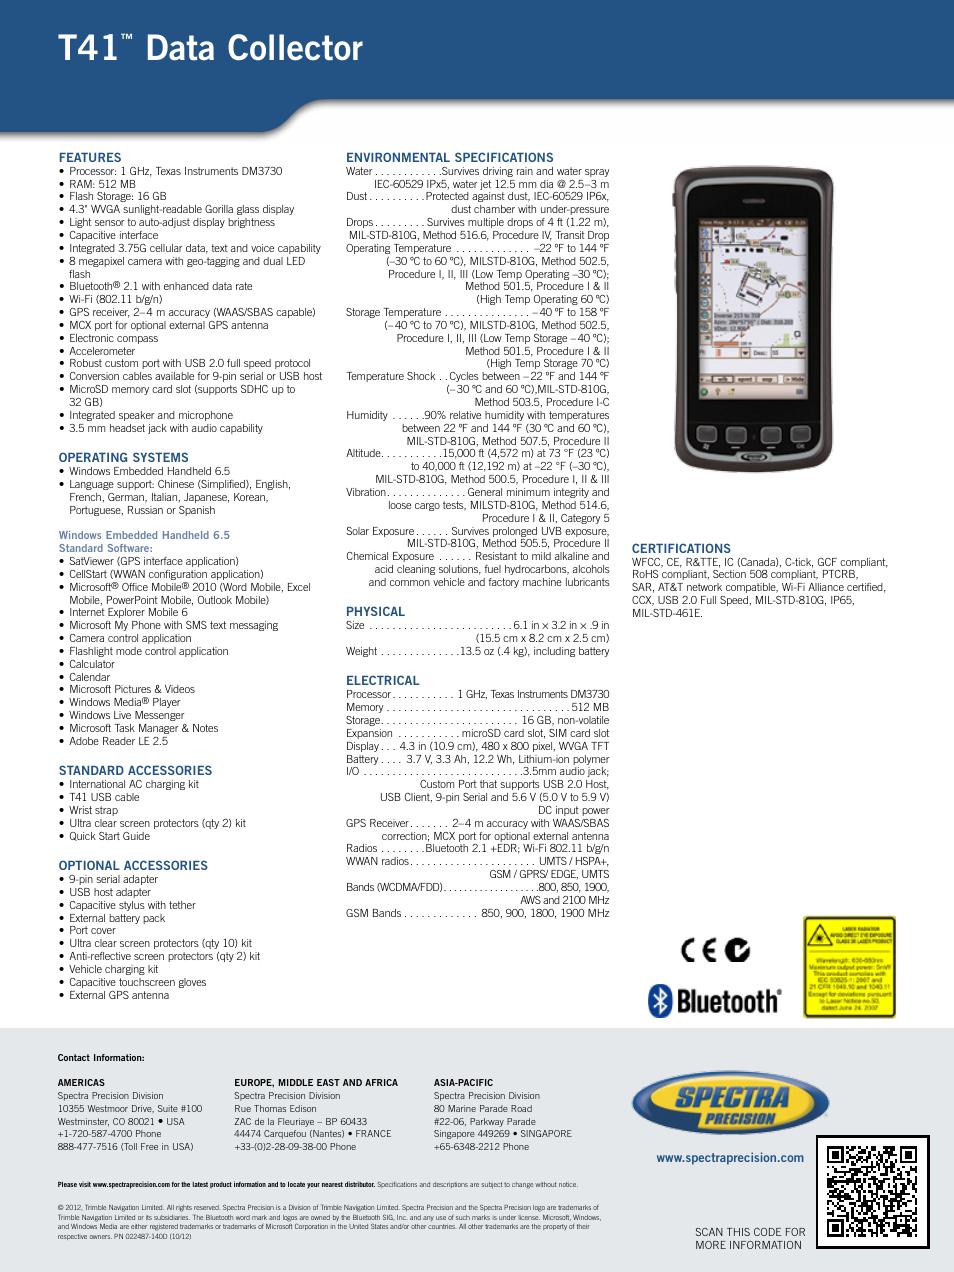 Spectra Precision T41 User Manual